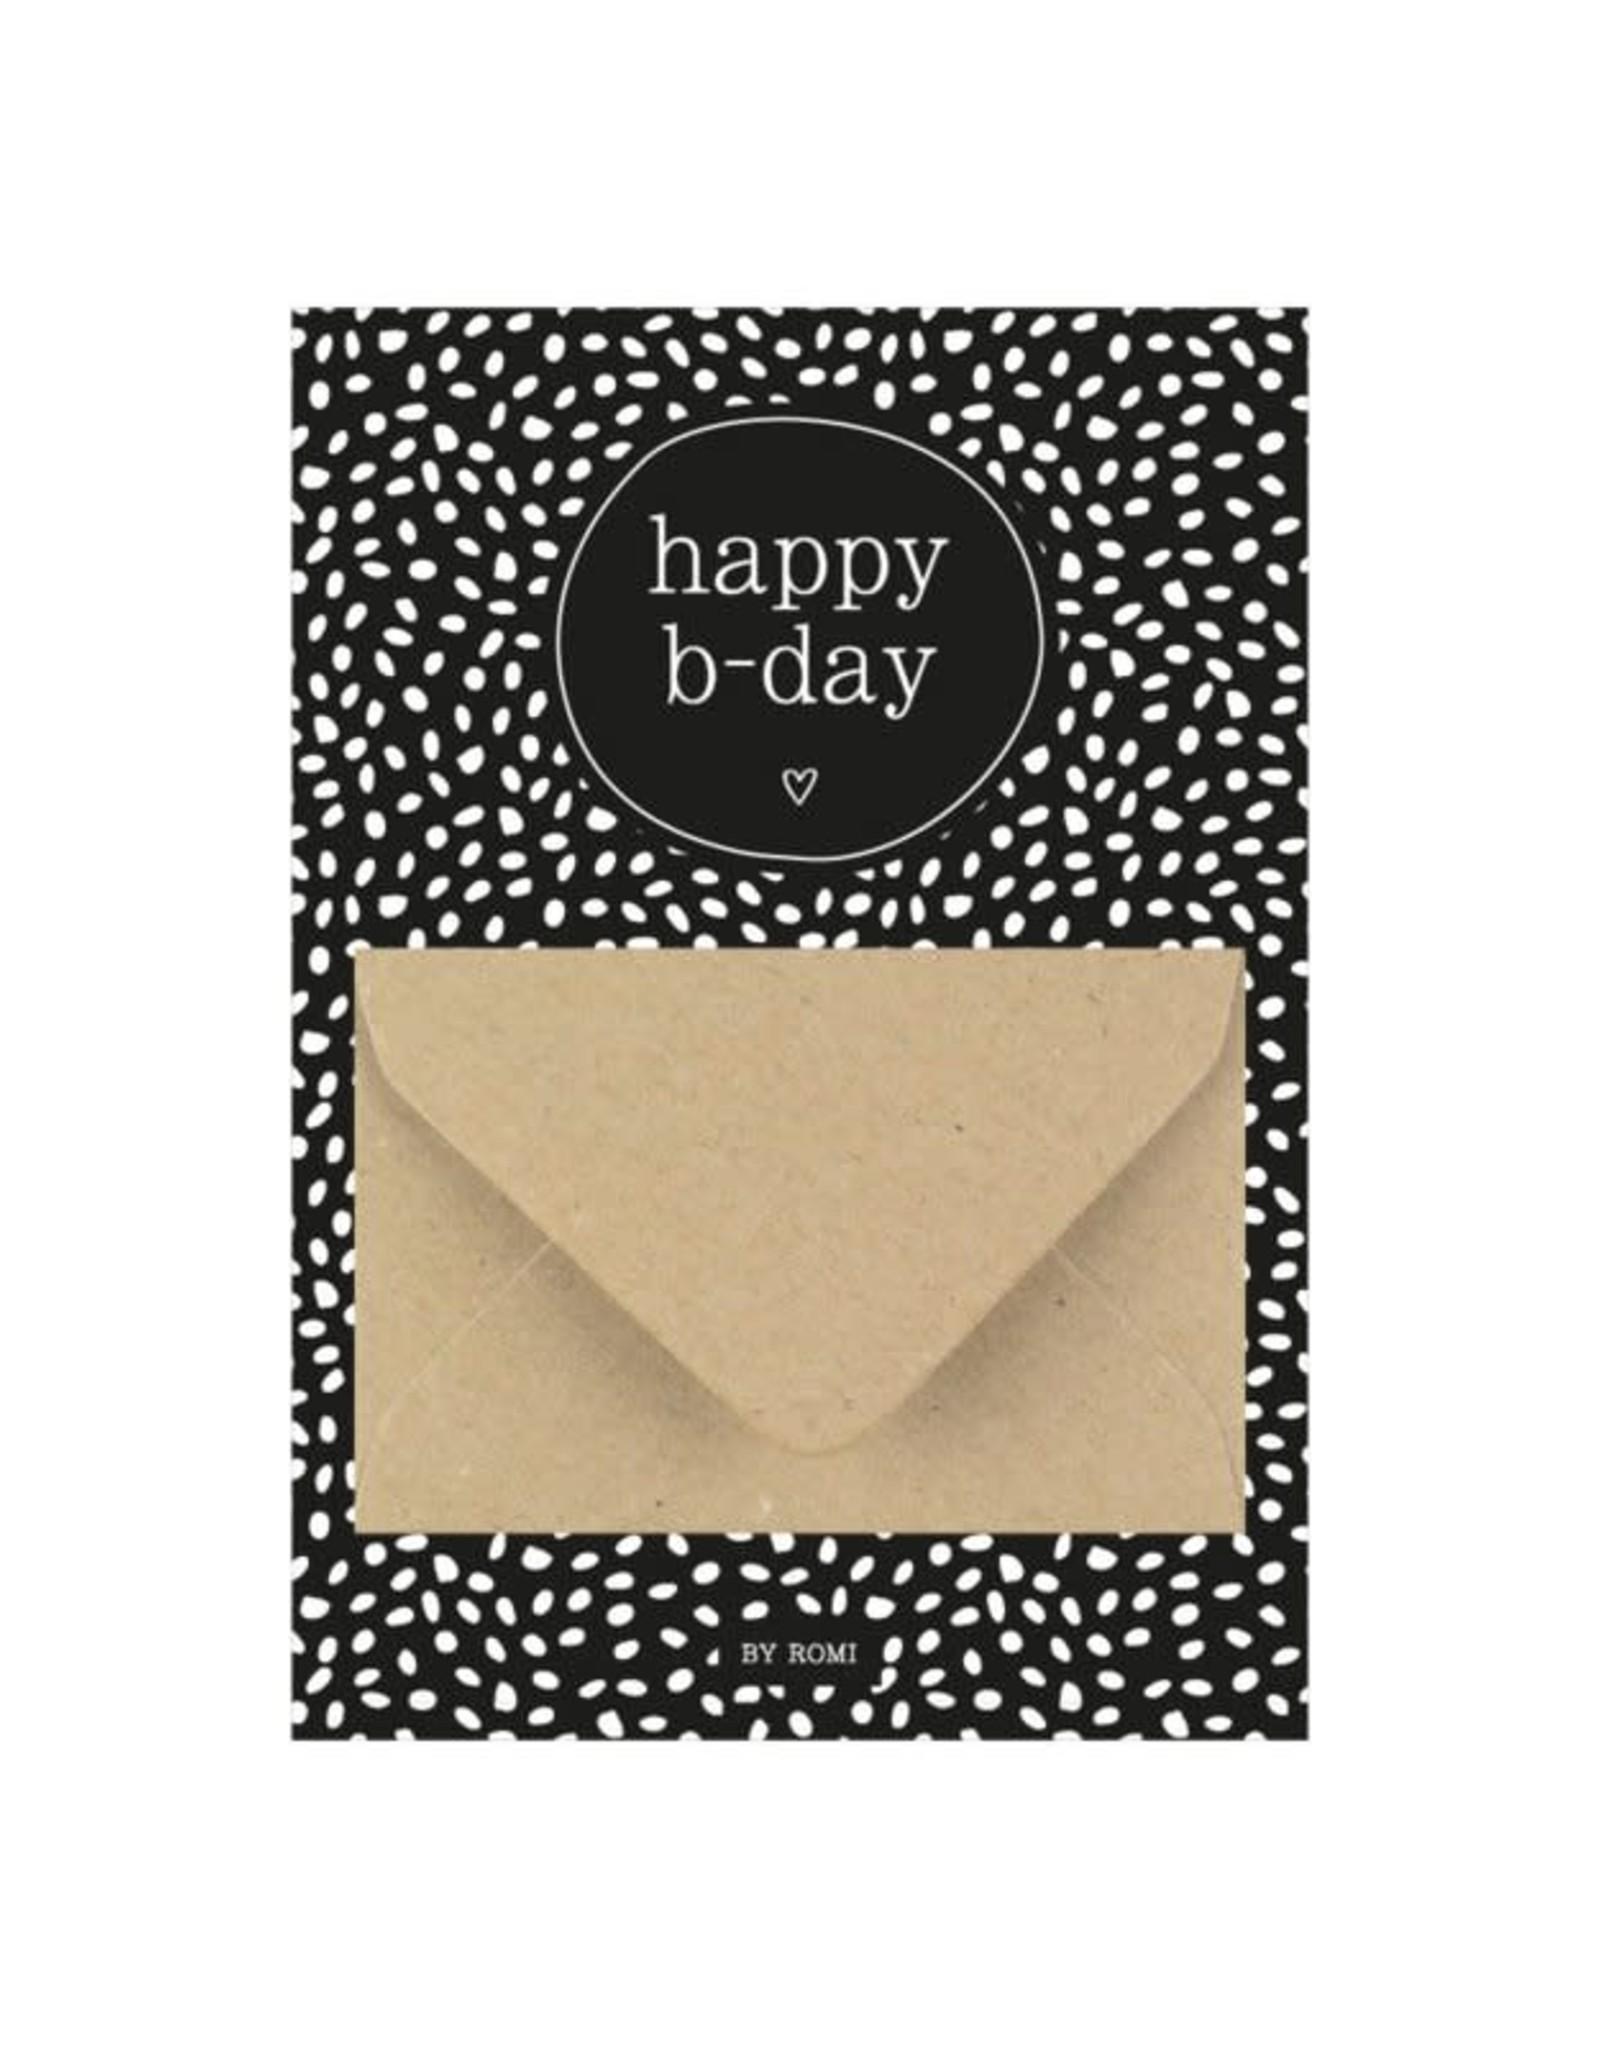 By romi By romi: A6 Geldkaart Happy B-day